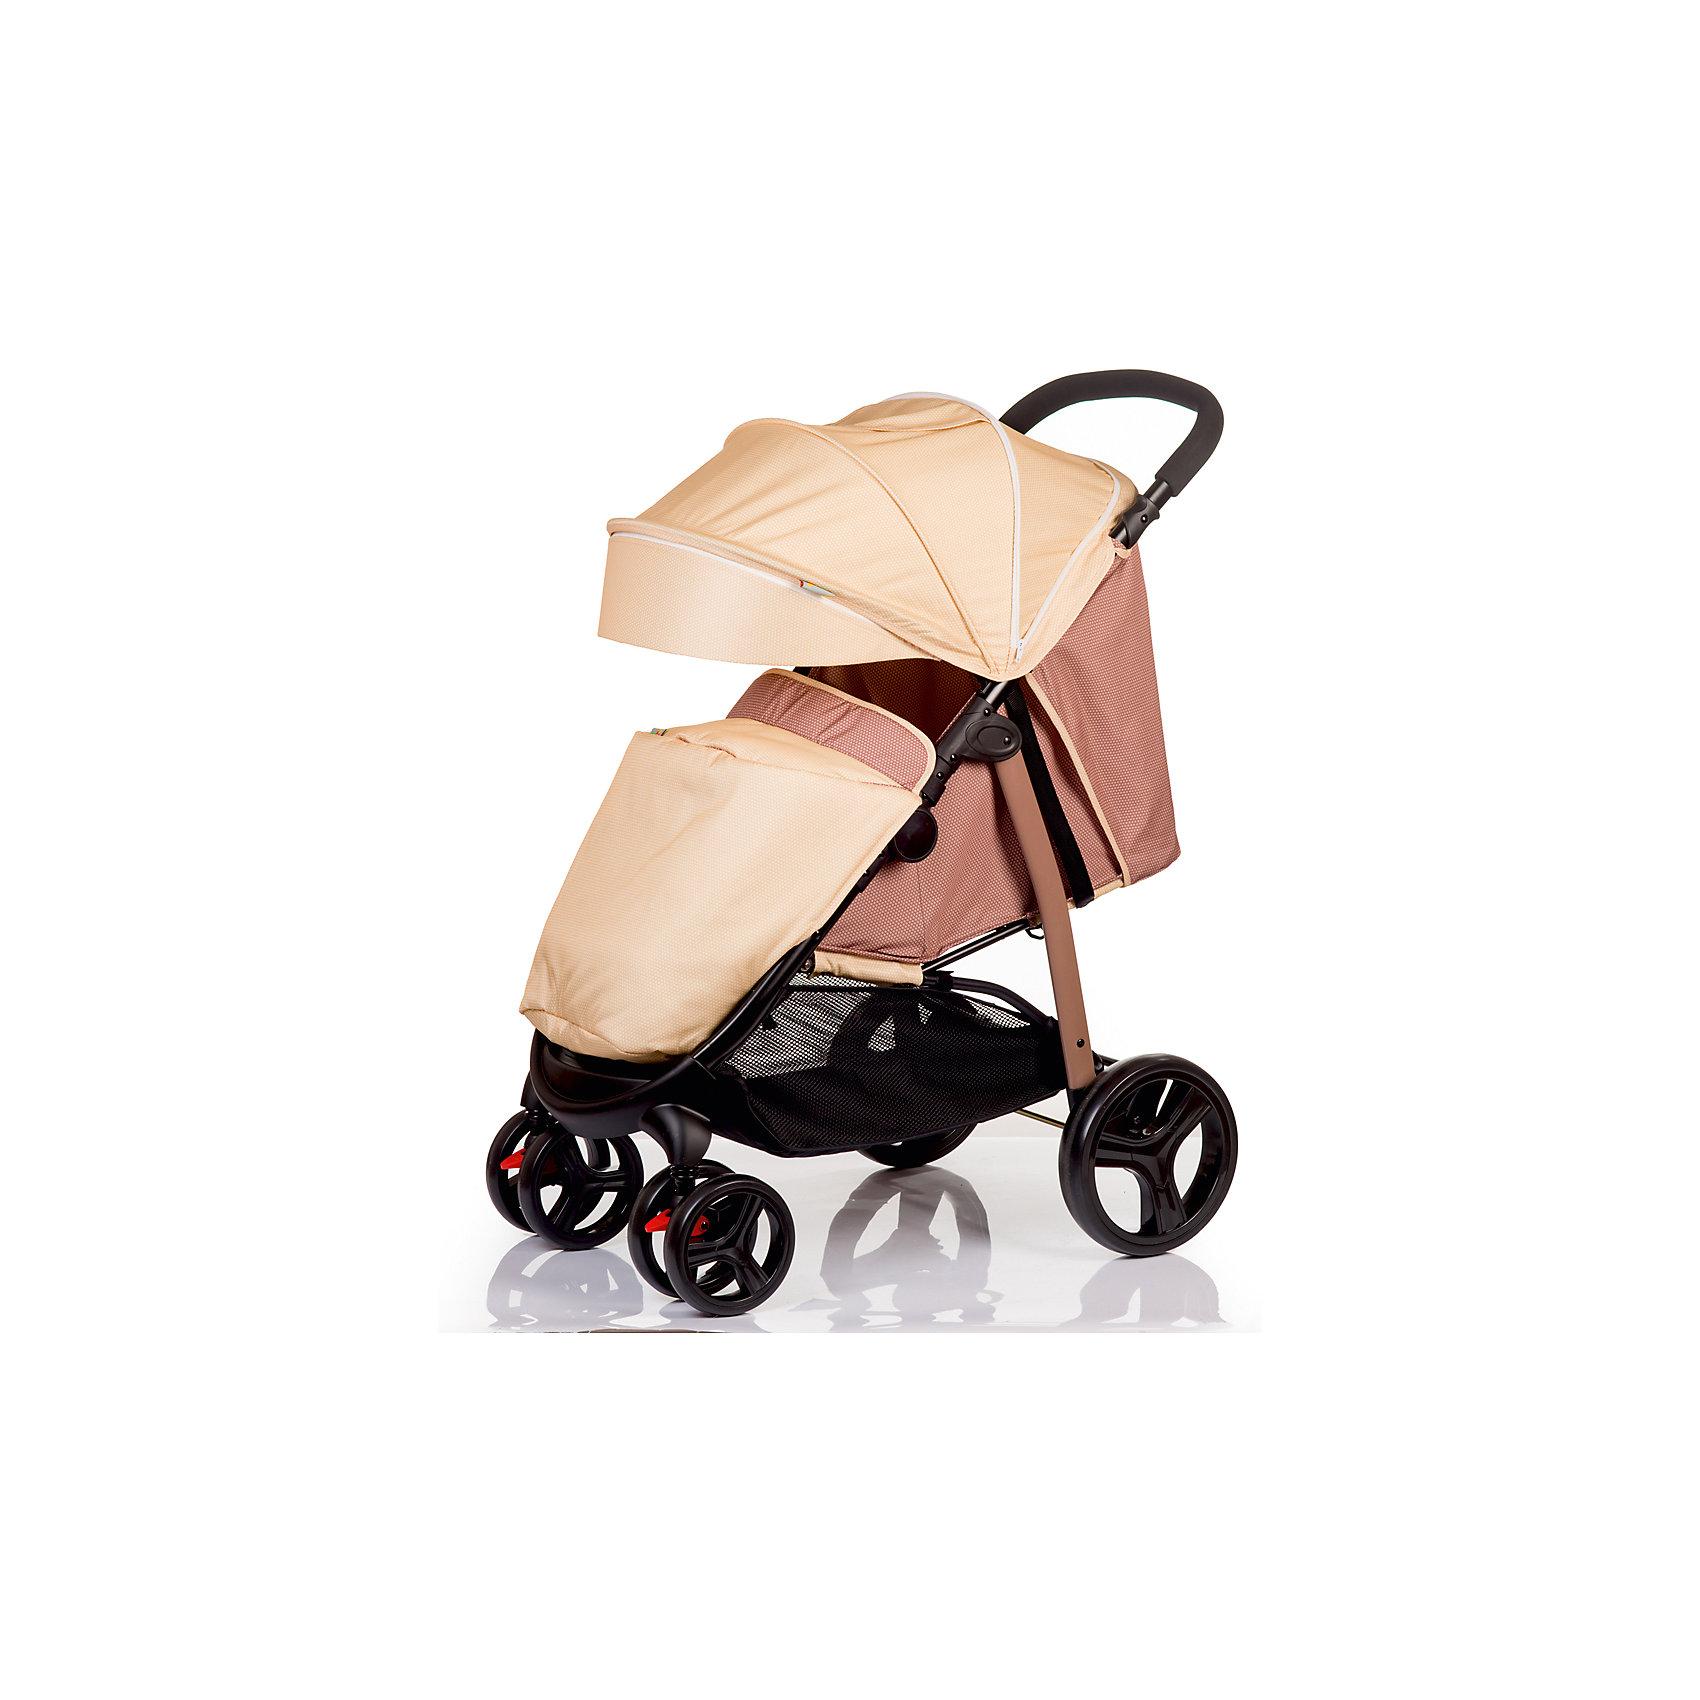 Прогулочная коляска BabyHit RACY, бежевыйПрогулочные коляски<br>Характеристики коляски<br><br>Прогулочный блок:<br><br>• горизонтальное положение спинки, угол наклона 170 градусов;<br>• подножка регулируется и удлиняет спальное место;<br>• имеется анатомический вкладыш с мягким подголовником;<br>• 5-ти точечные ремни безопасности;<br>• съемный защитный бампер с паховым ограничителем;<br>• капюшон-батискаф, опускается до бамера;<br>• калюшон оснащен солнцезащитным козырьком, смотровым окошком под клапаном и кармашком на липучке;<br>• пластиковая подножка для подросшего малыша;<br>• в комплект входит чехол на ножки и москитная сетка;<br>• материал: пластик, полиэстер;<br>• длина спального места: 75 см;<br>• ширина сиденья: 34 см<br>• высота спинки: 40 см;<br>• глубина сиденья: 22 см.<br><br>Рама коляски:<br><br>• коляска складывается вместе с прогулочным блоком по типу книжки;<br>• имеется корзина для покупок;<br>• плавающие передние колеса с фиксаторами;<br>• диаметр колес: 16,8 см, 24,8 см;<br>• материал колес: псевдорезина;<br>• материал рамы: алюминий.<br><br>Размер коляски: 85х58х105 см<br>Размер коляски в сложенном виде: 88х58х35 см<br>Вес коляски: 9,2 кг<br>Размер упаковки: 78х45х27 см<br>Вес в упаковке: 10 кг<br><br>Прогулочную коляску RACY, Babyhit, бежевую можно купить в нашем интернет-магазине.<br><br>Ширина мм: 450<br>Глубина мм: 270<br>Высота мм: 780<br>Вес г: 10000<br>Возраст от месяцев: 7<br>Возраст до месяцев: 36<br>Пол: Унисекс<br>Возраст: Детский<br>SKU: 5500306